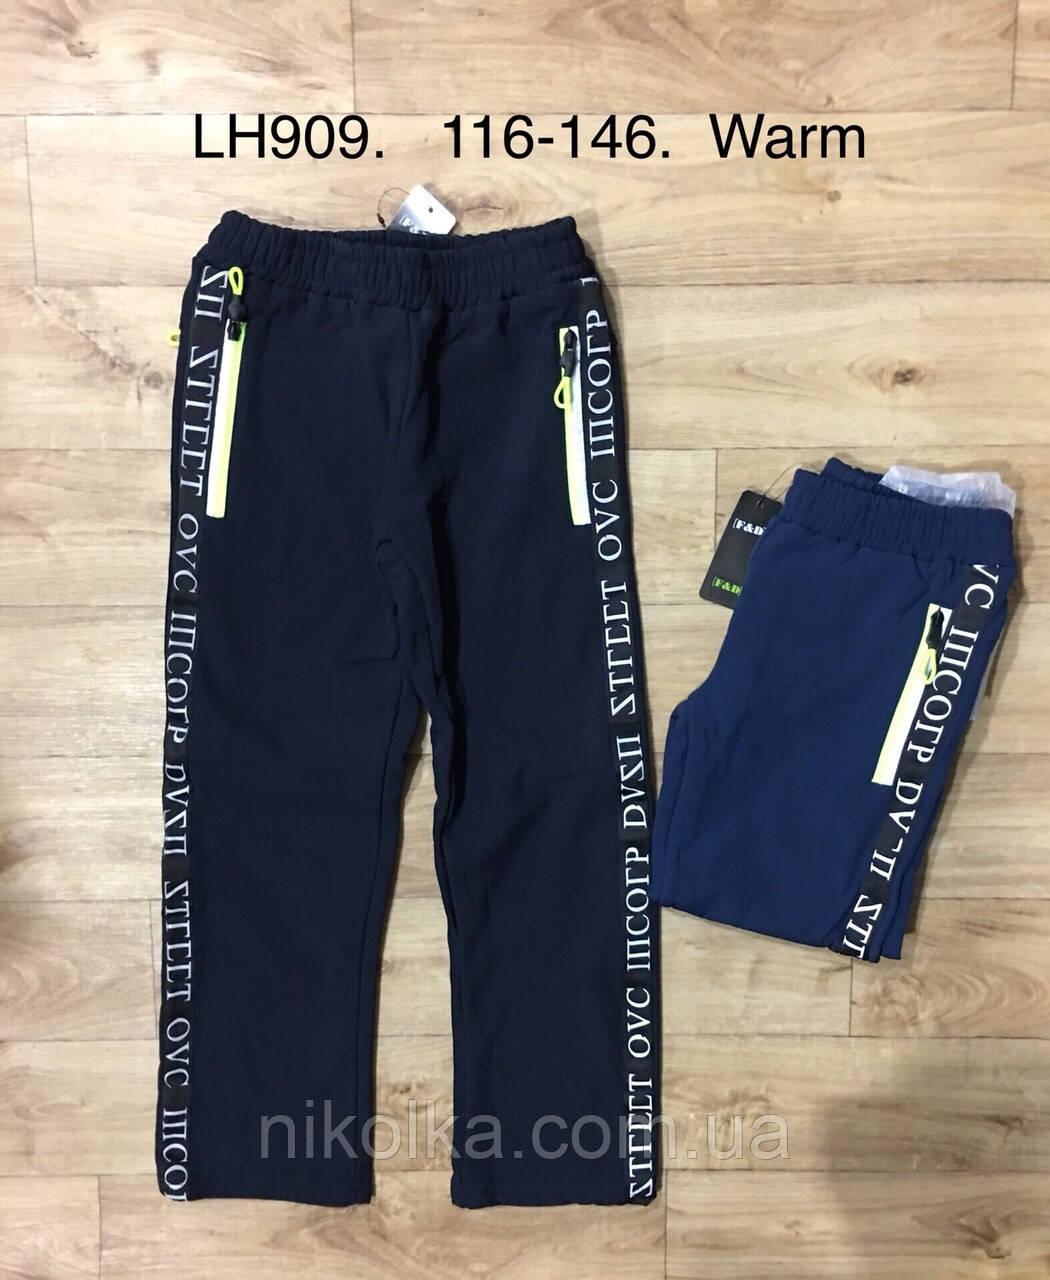 Лыжные брюки на флисе для мальчиков оптом, F&D, 116-146 рр., арт. LH909